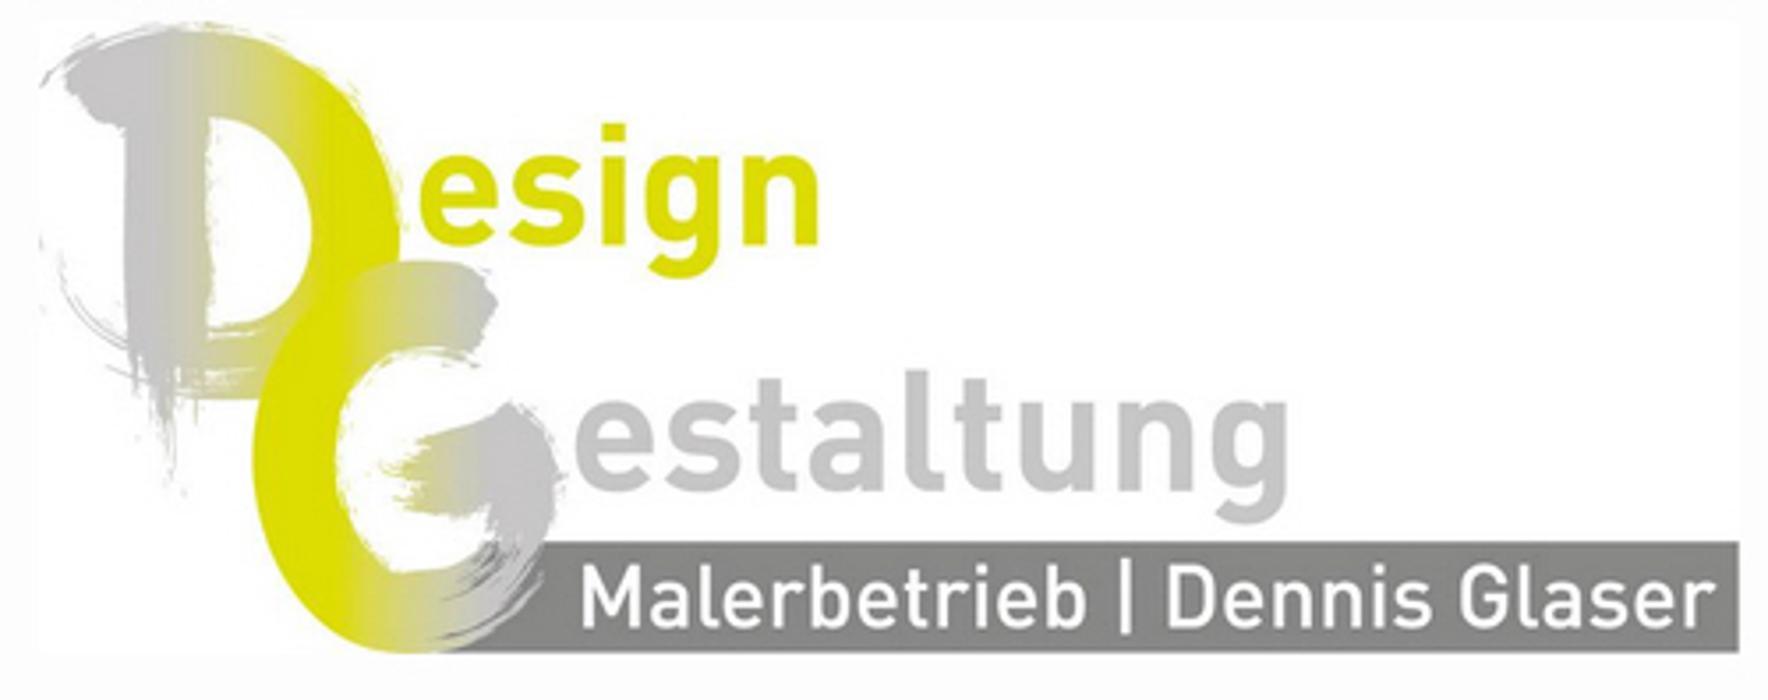 Bild zu Malerbetrieb Dennis Glaser Design & Gestaltung in Mannheim